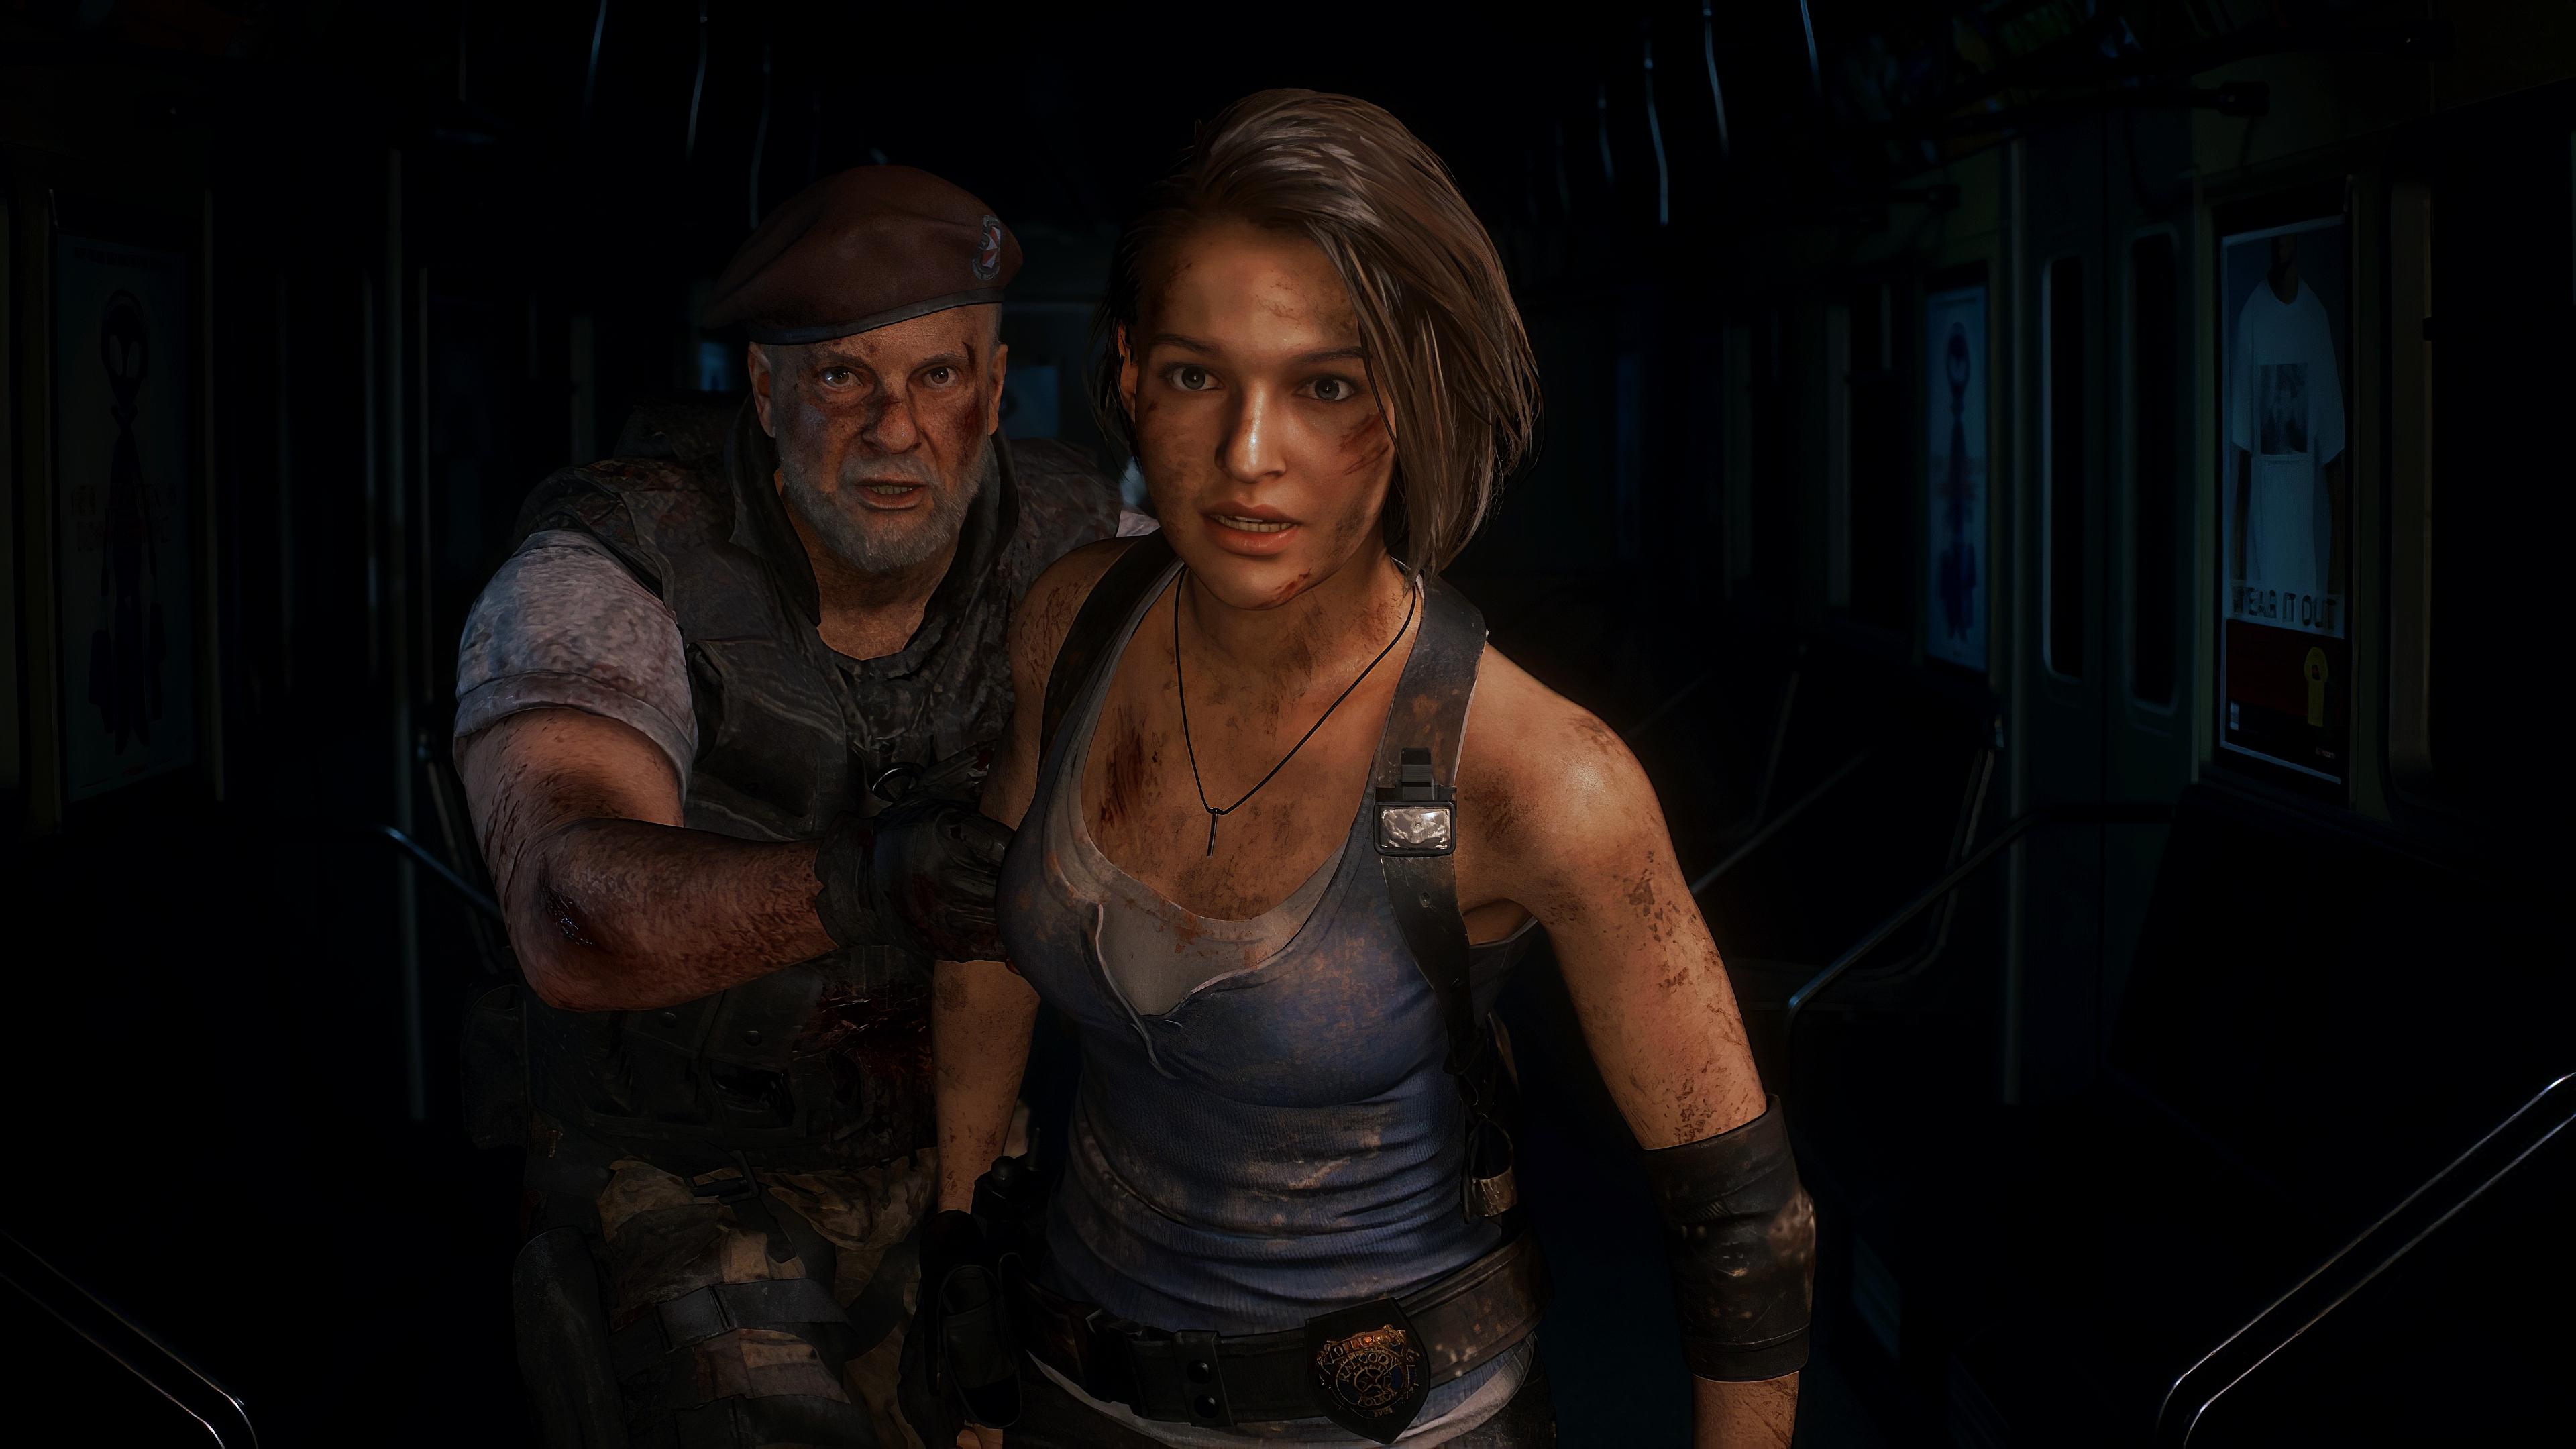 Jill Valentine - Resident Evil 3: Nemesis